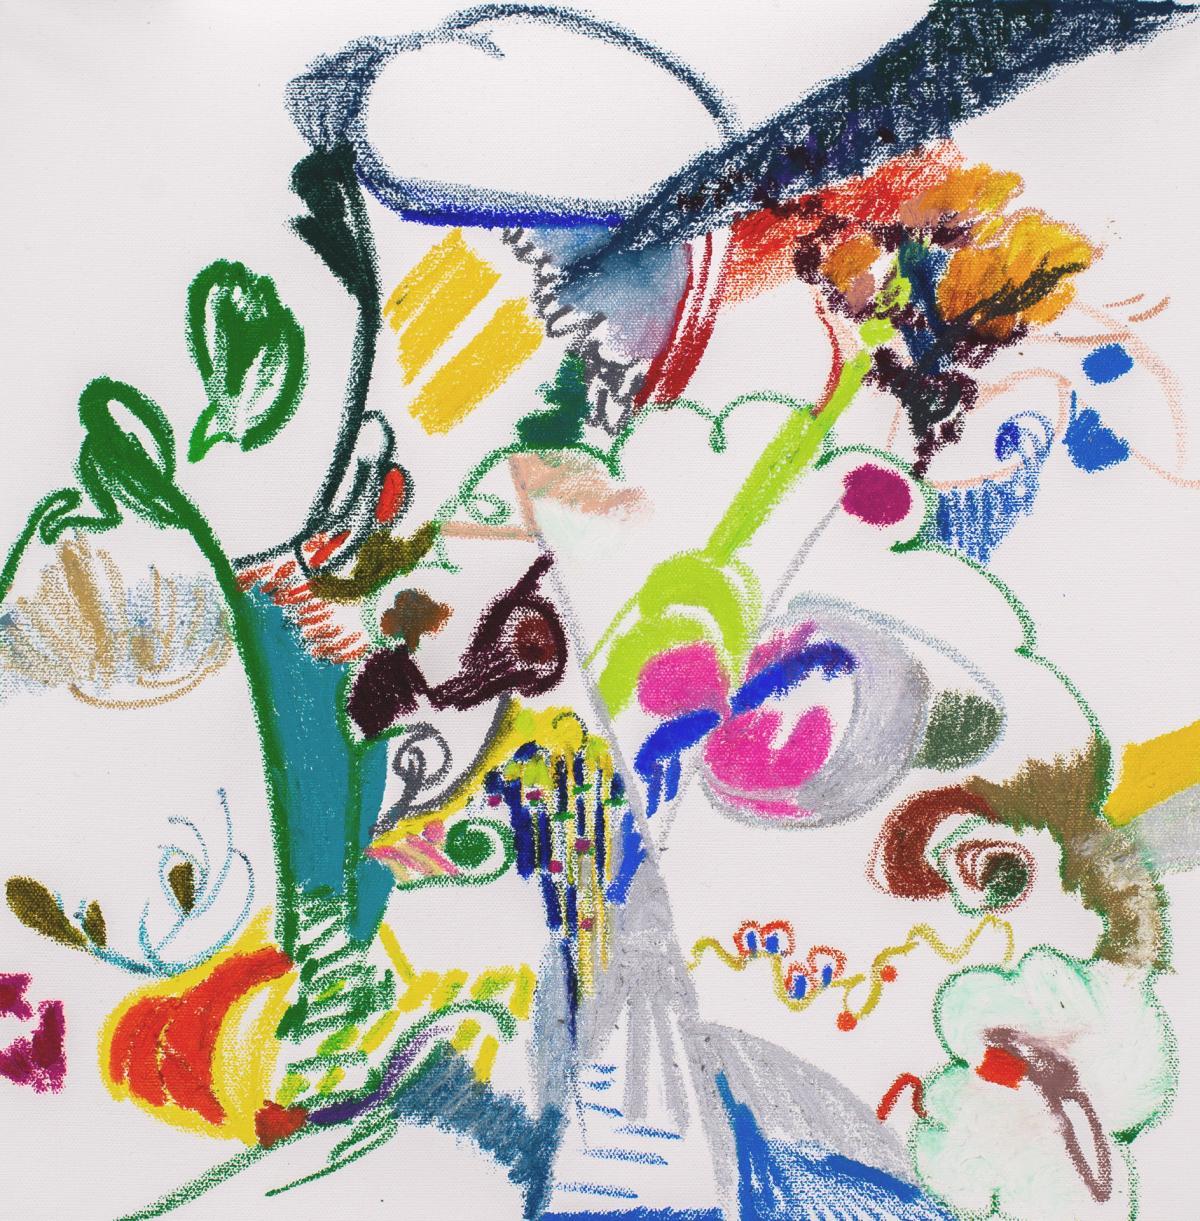 Artwork by Huiquan Jiang